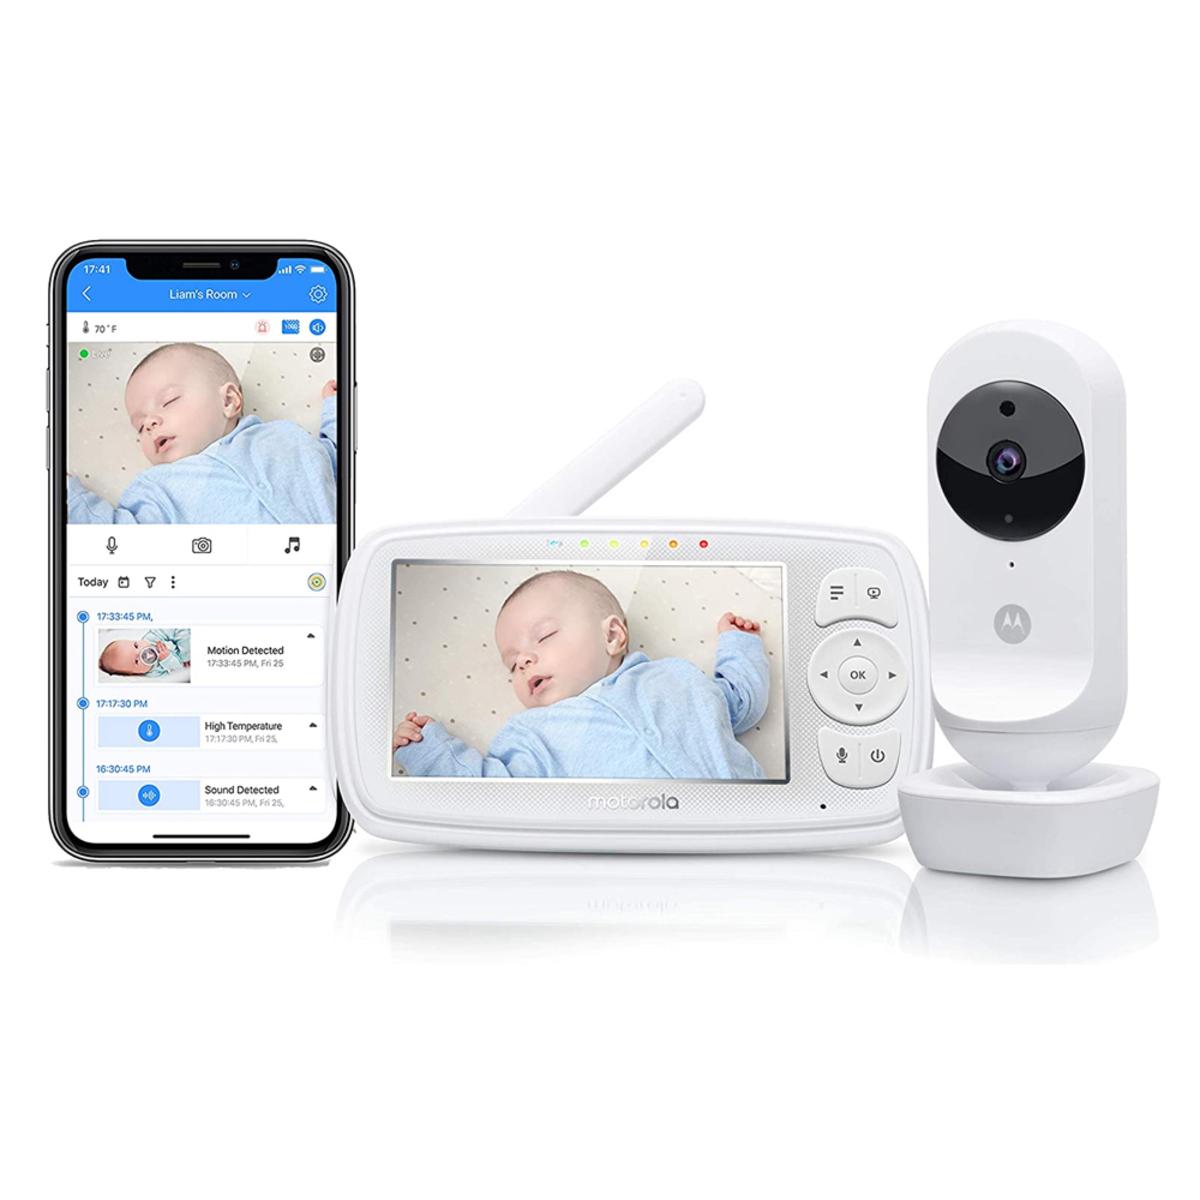 Écoute bébé Babyphone EASE 44 Connect 2-en-1 Babyphone EASE 44 Connect 2-en-1